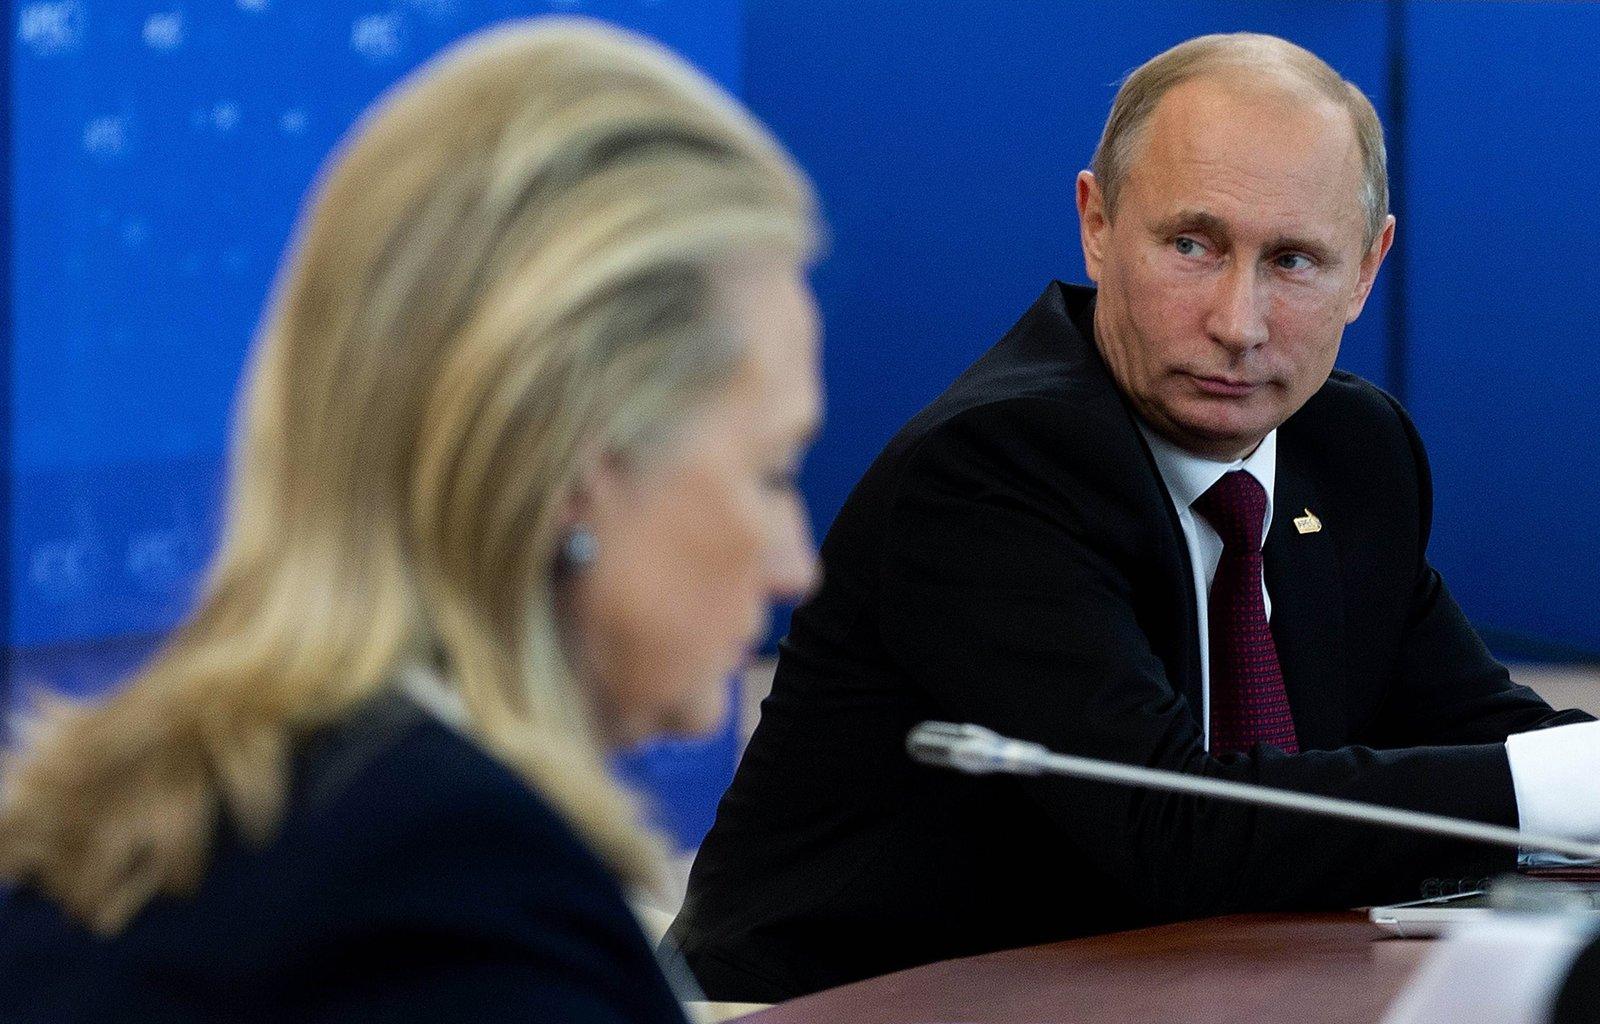 希拉莉長期抨擊普京的國內外政策,有美國前官員形容,俄方高官甚至普京本人都看她不順眼。圖片來源:路透社